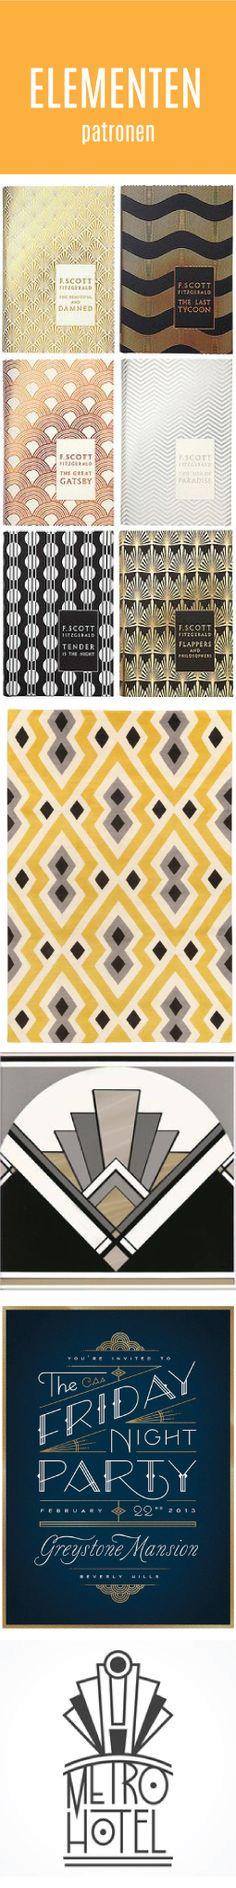 Er worden vaak drukke patronen gebruikt als achtergrond of rand